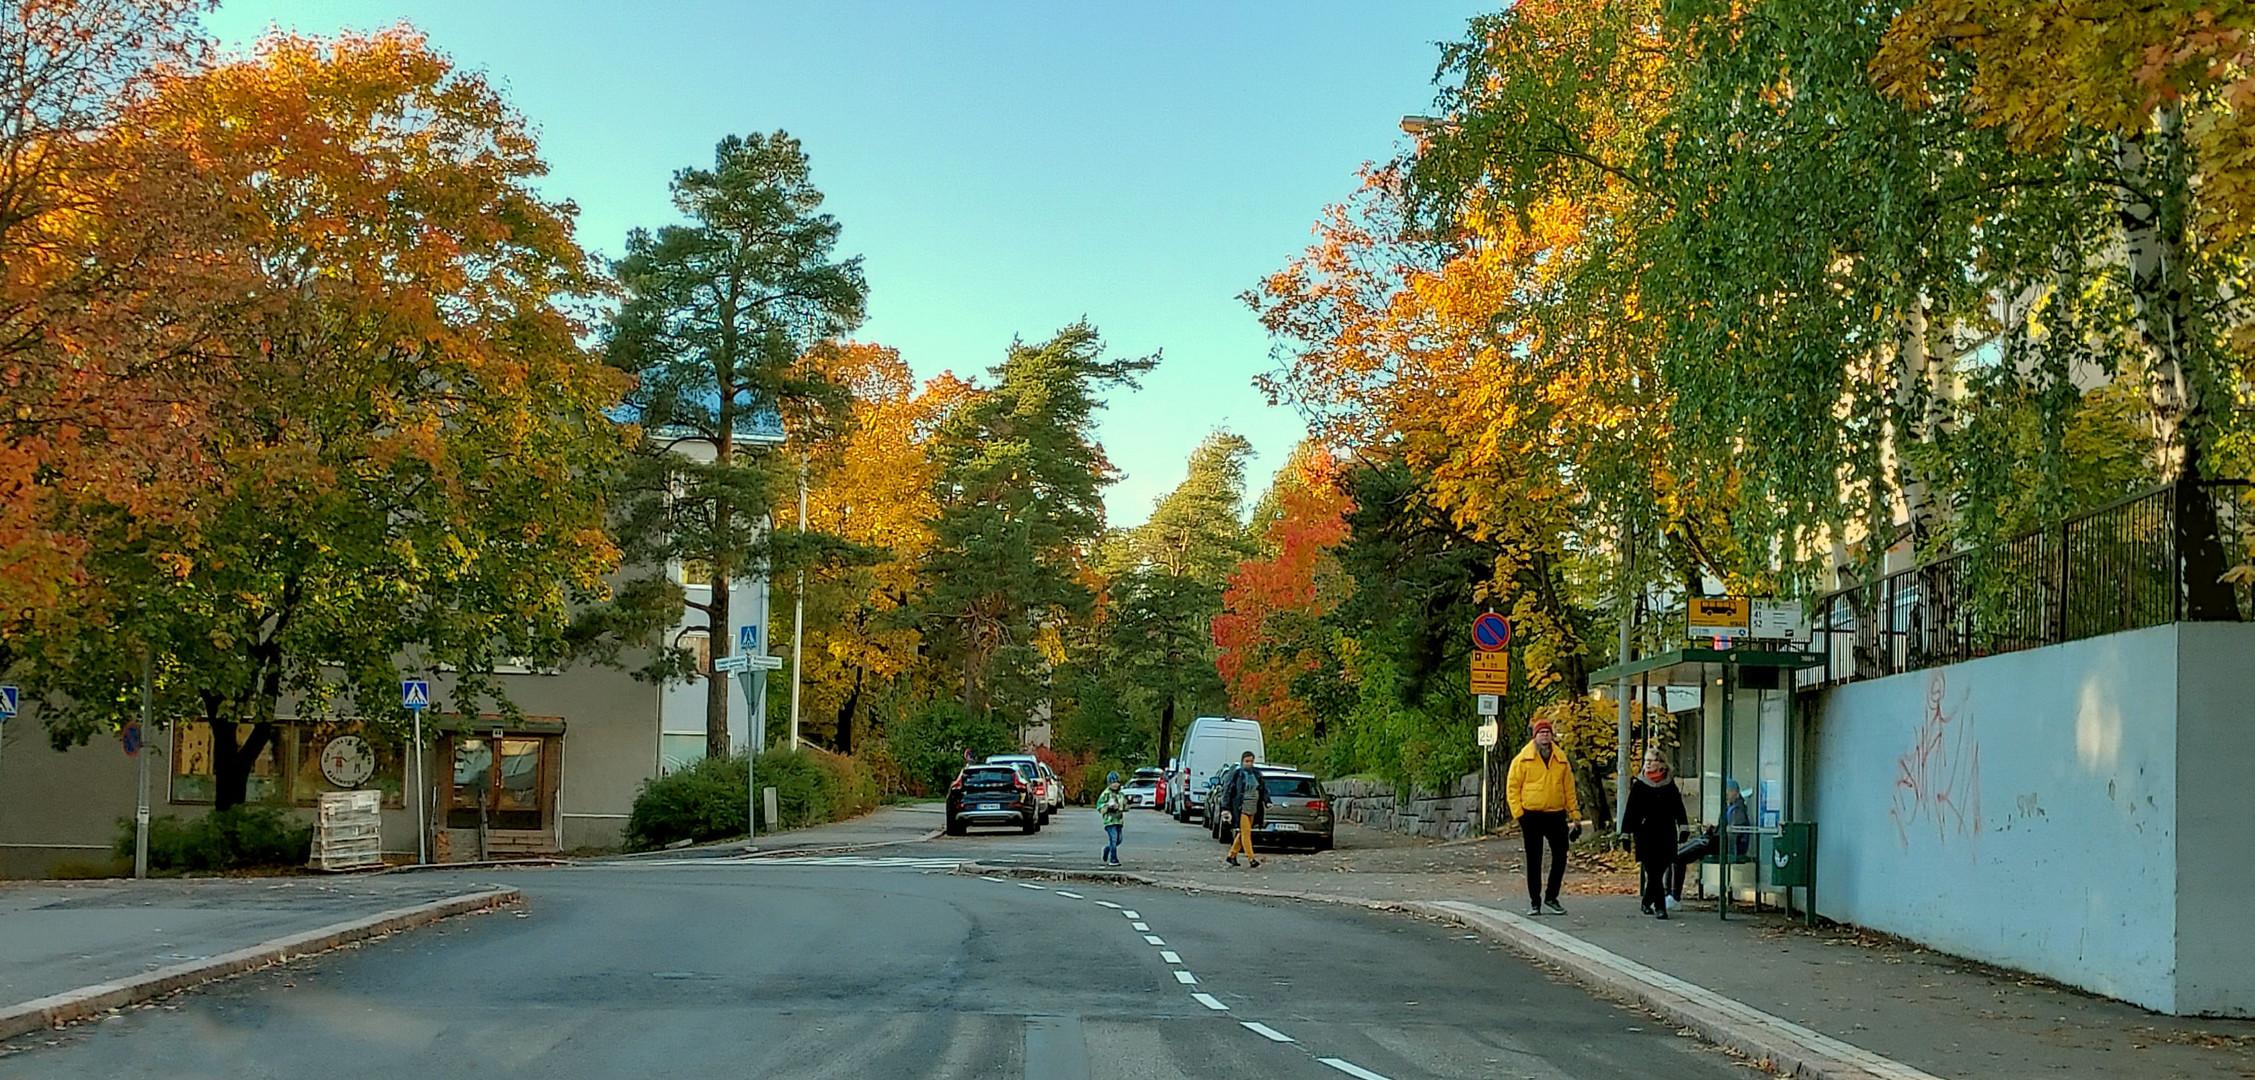 Helsinki, Haaga, the colors of autumn 2